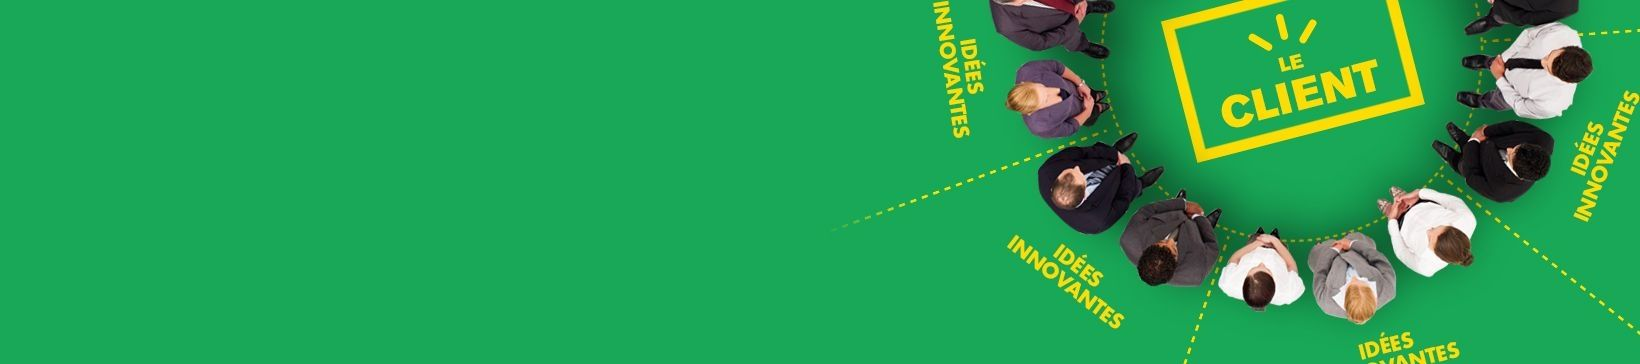 HG-Client-Entreprises-Ide¦ües-Innovante